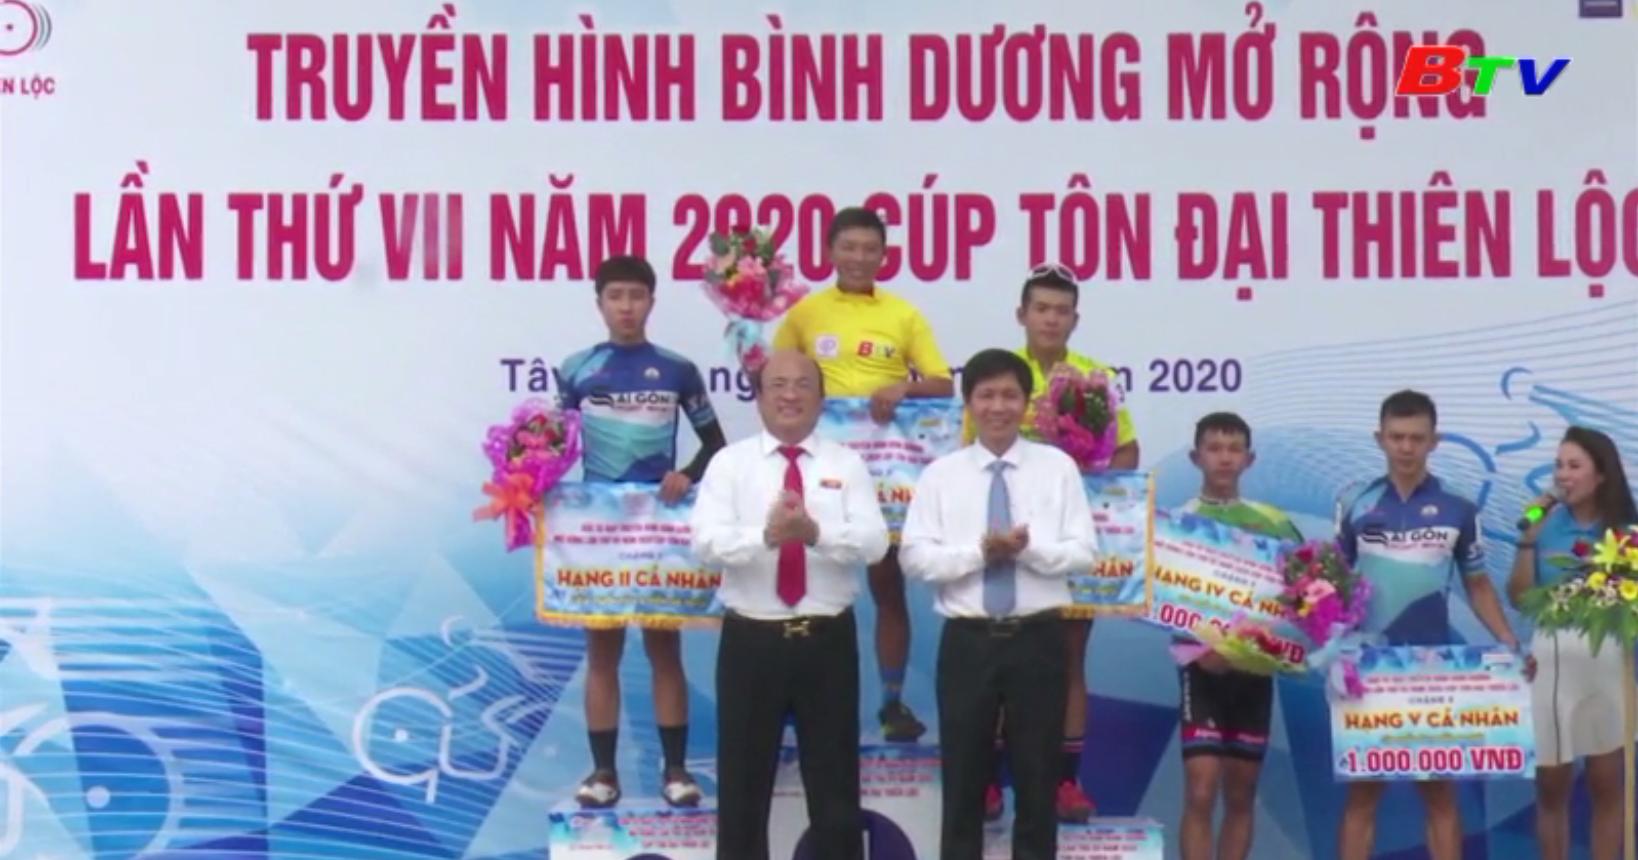 Kết quả Chặng 3 Giải Xe đạp Truyền hình Bình Dương mở rộng lần VII năm 2020 - Cúp Tôn Đại Thiên Lộc